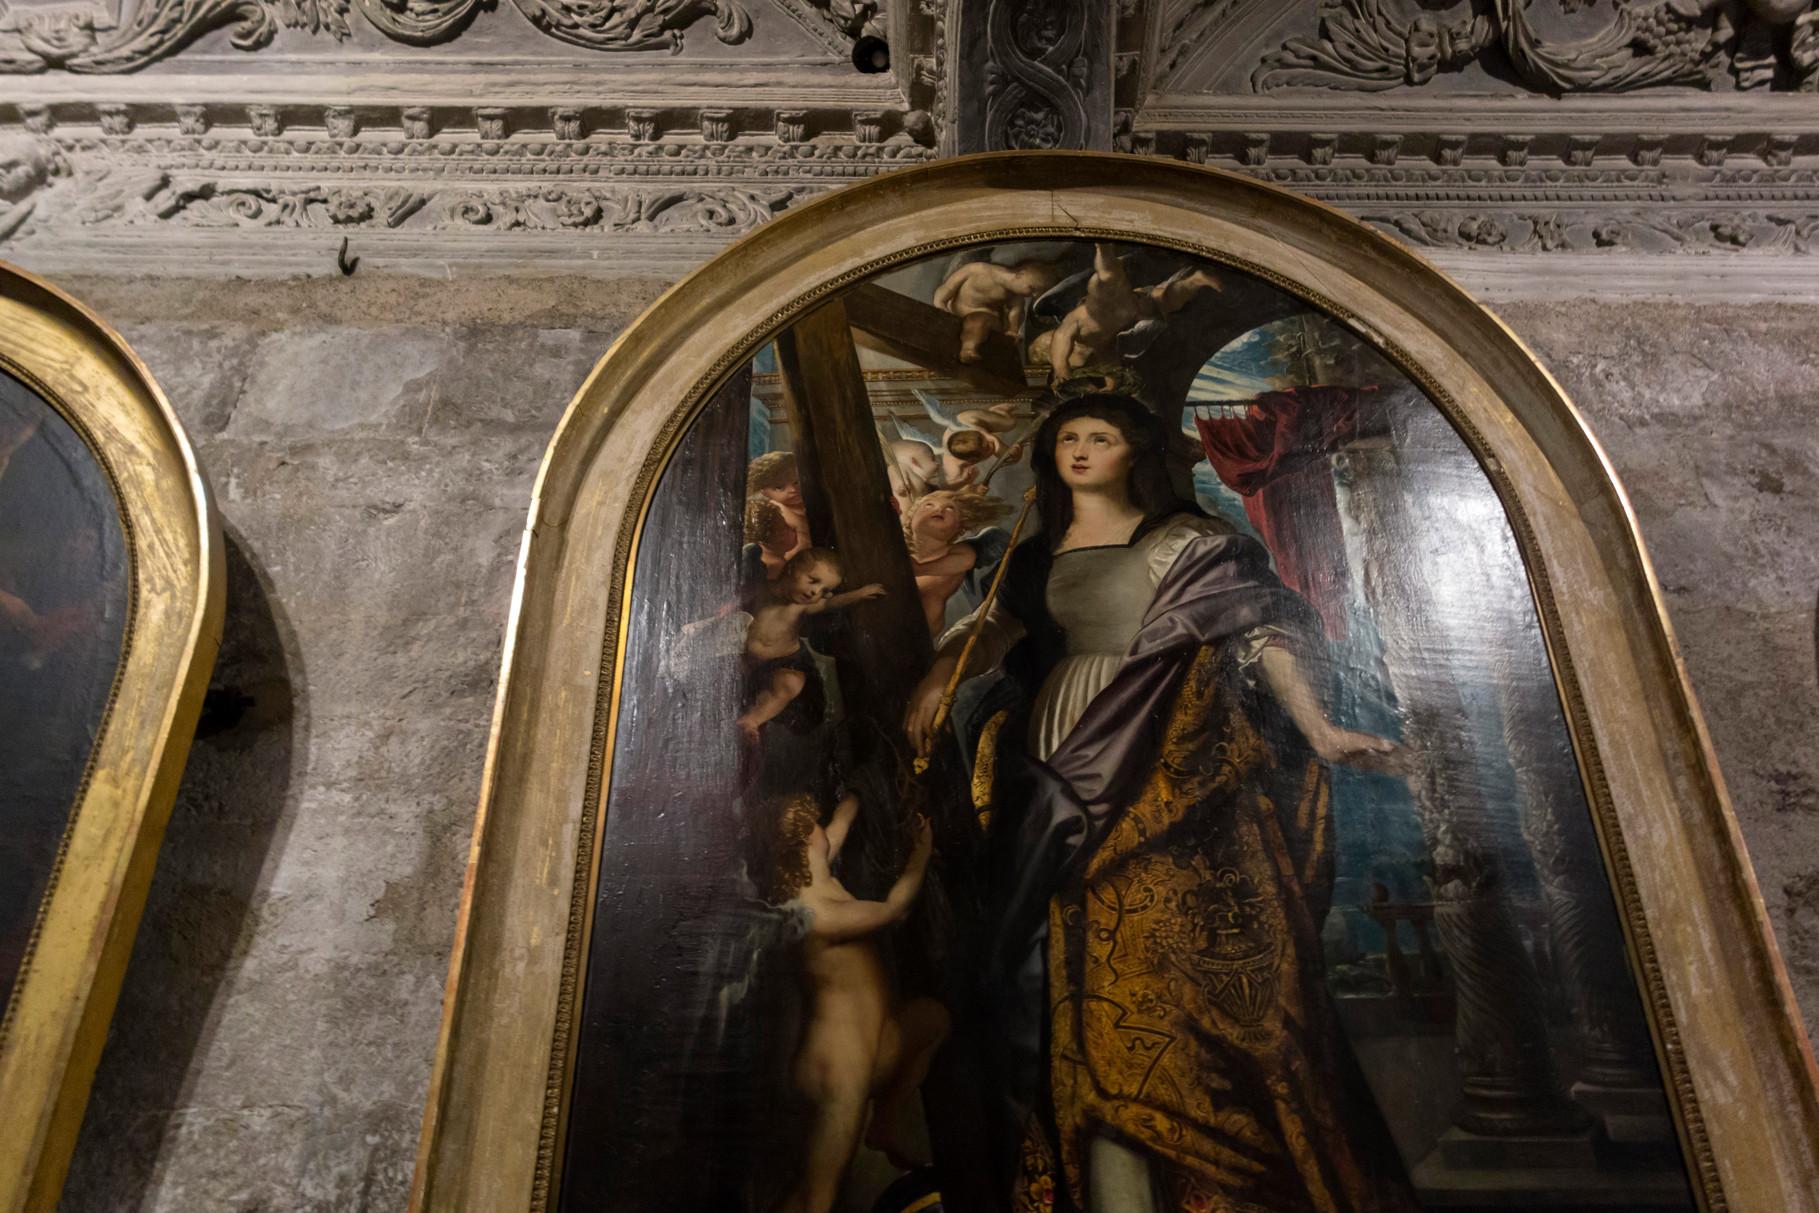 Gemälde von Rubens in der Kathedrale